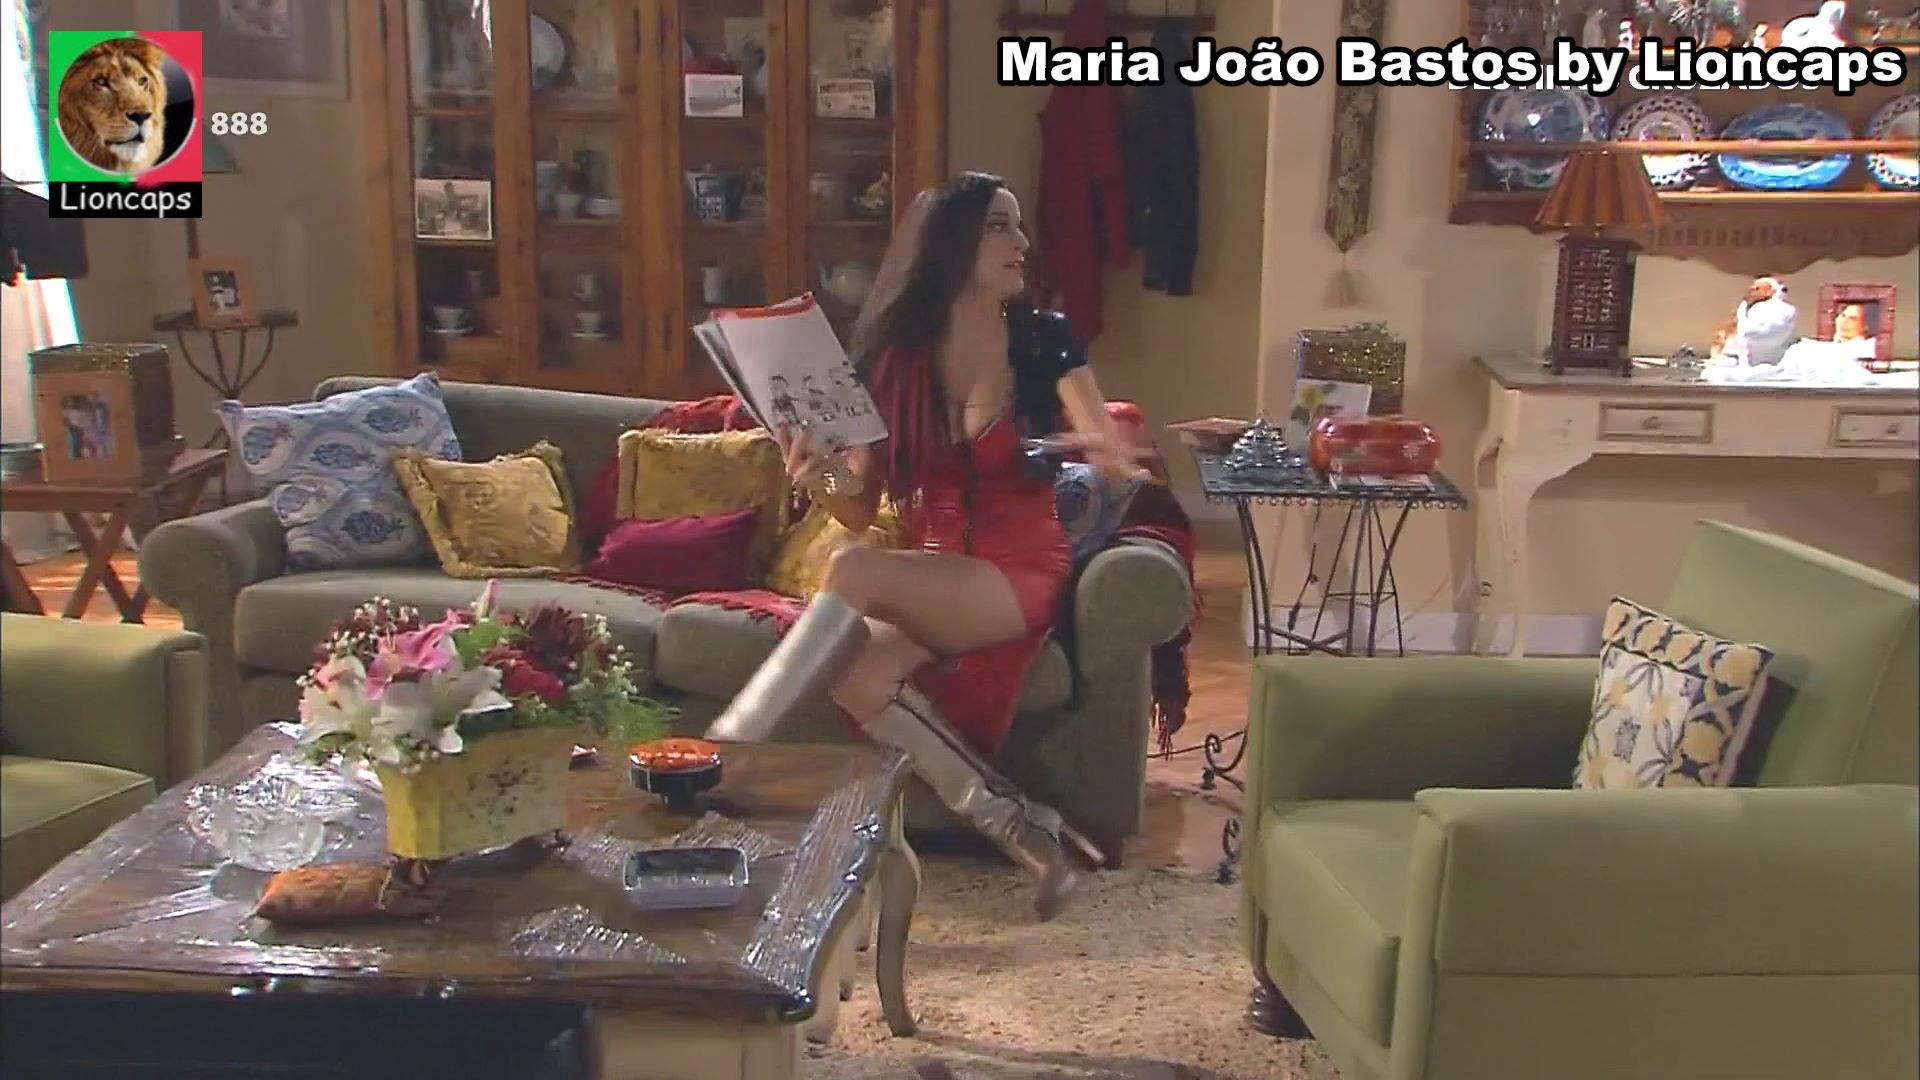 maria_joao_bastos_vs200604-001 (17).JPG